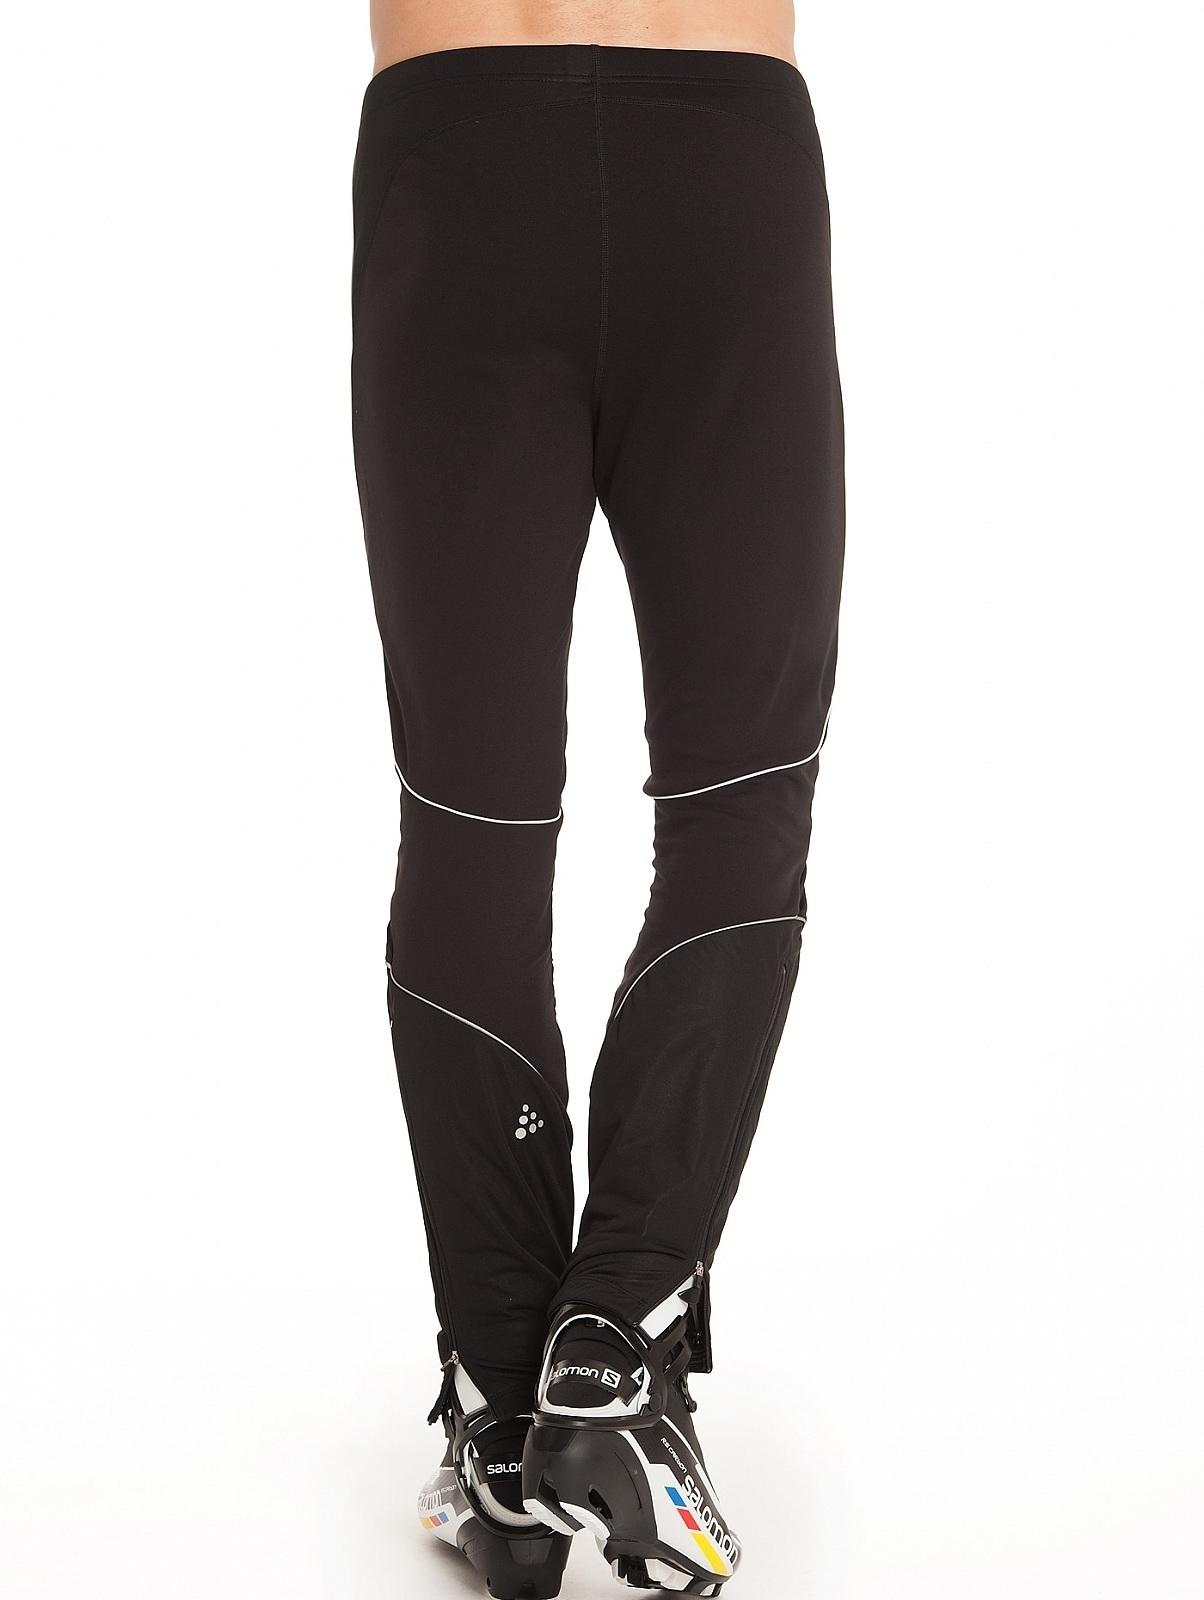 Мужской разминочный лыжный костюм Craft Storm (194653-9810-193352-1999) лайм